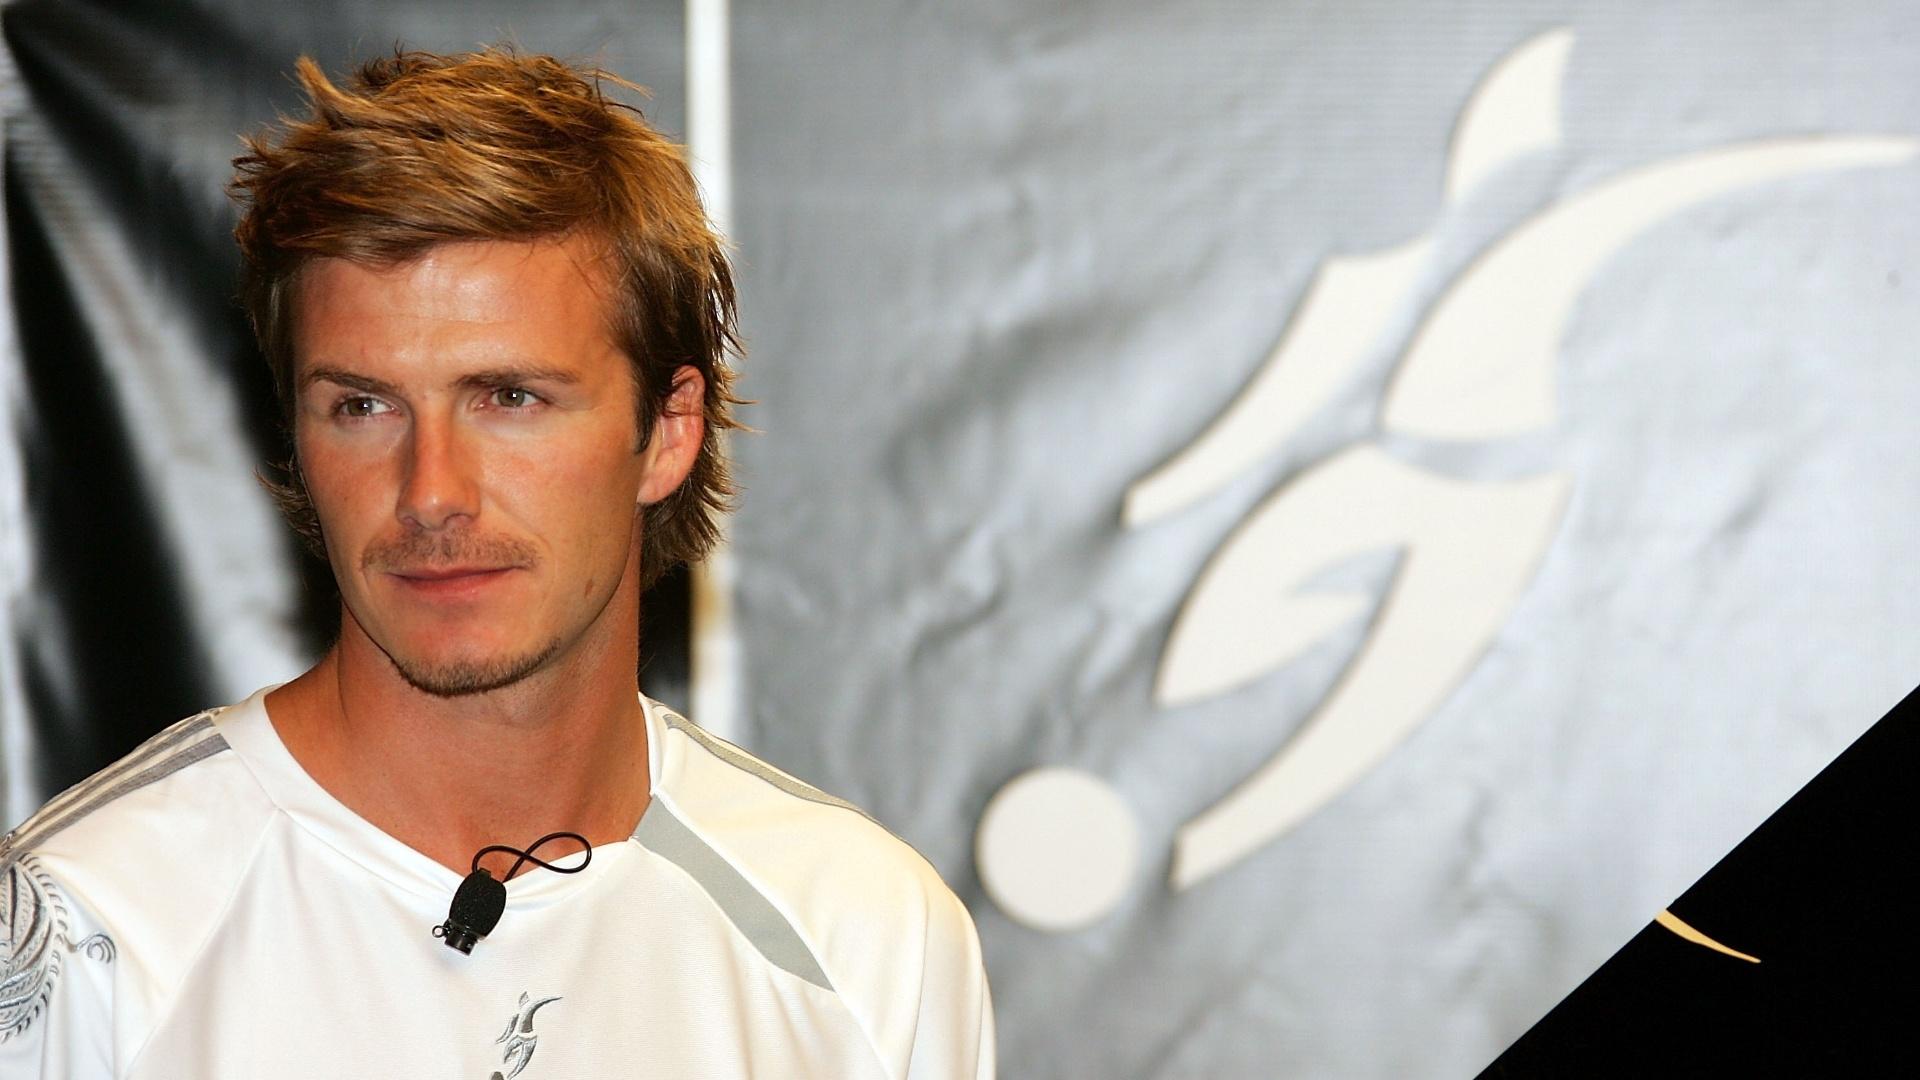 01.jun.2005 - David Beckham com o cabelo lambido para o lado, em 2005, durante lançamento de sua nova chuteira